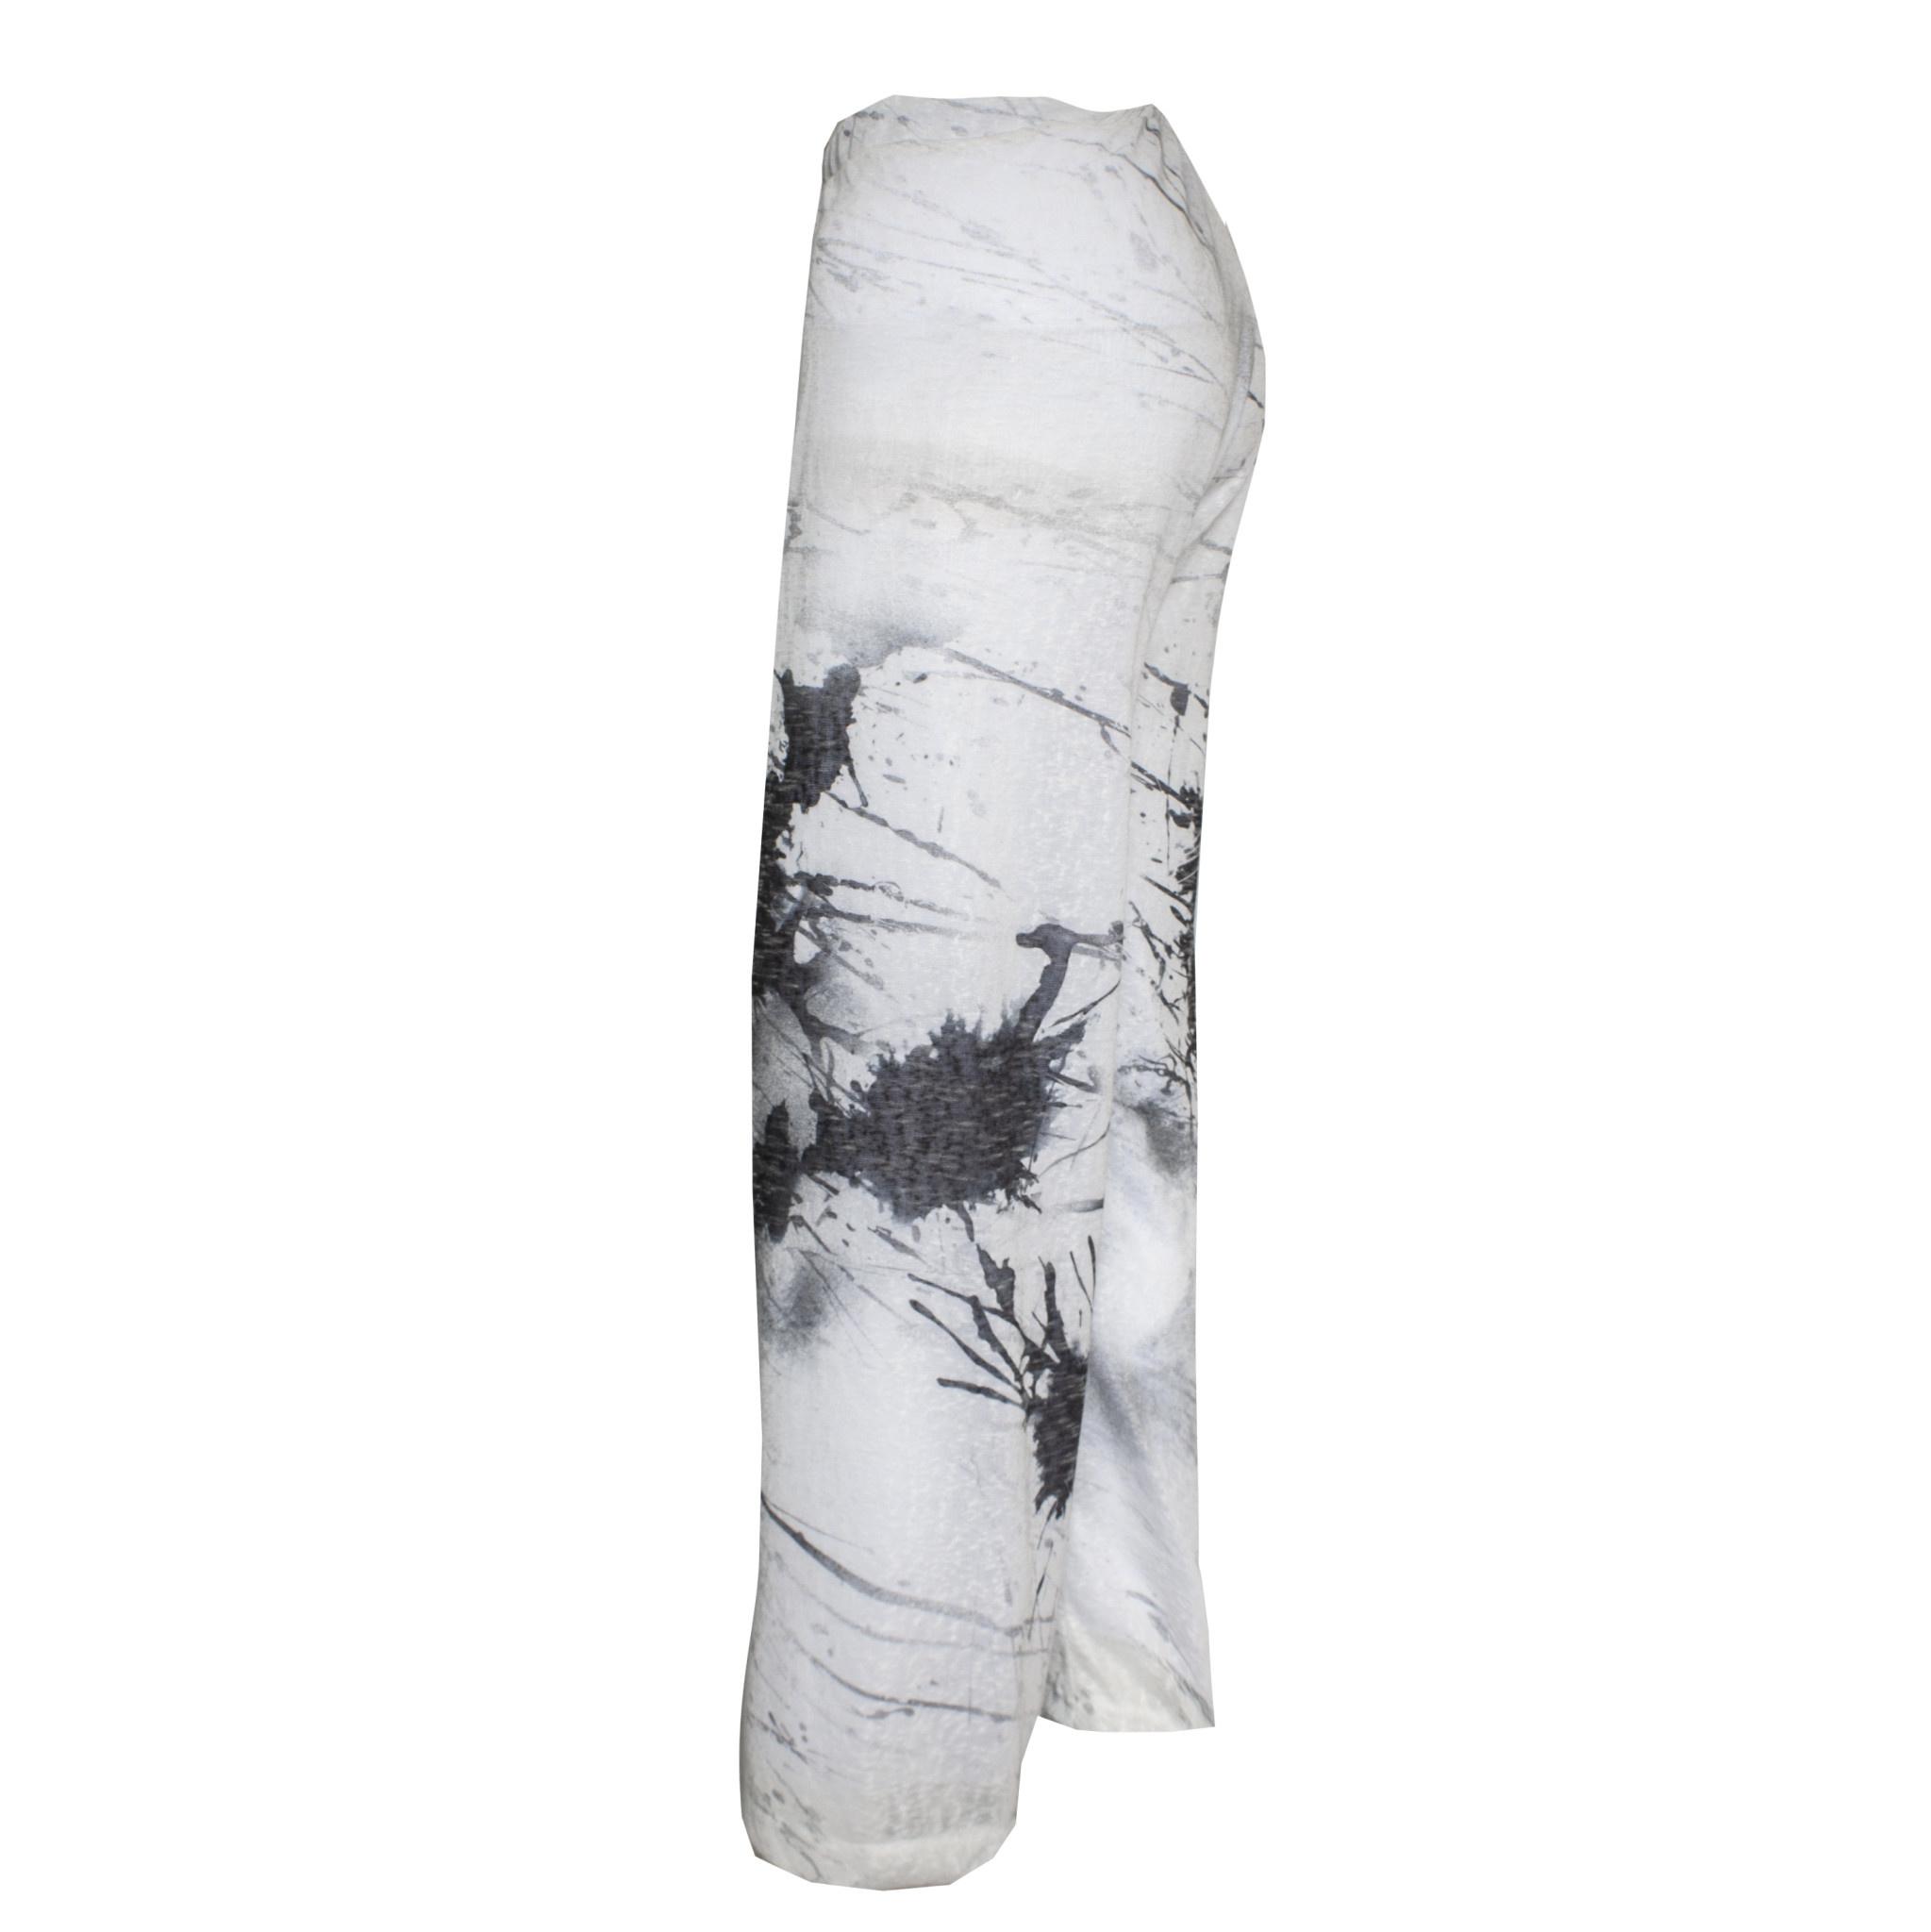 Ingrid Munt Ingrid Munt Canvas Print Pants - White